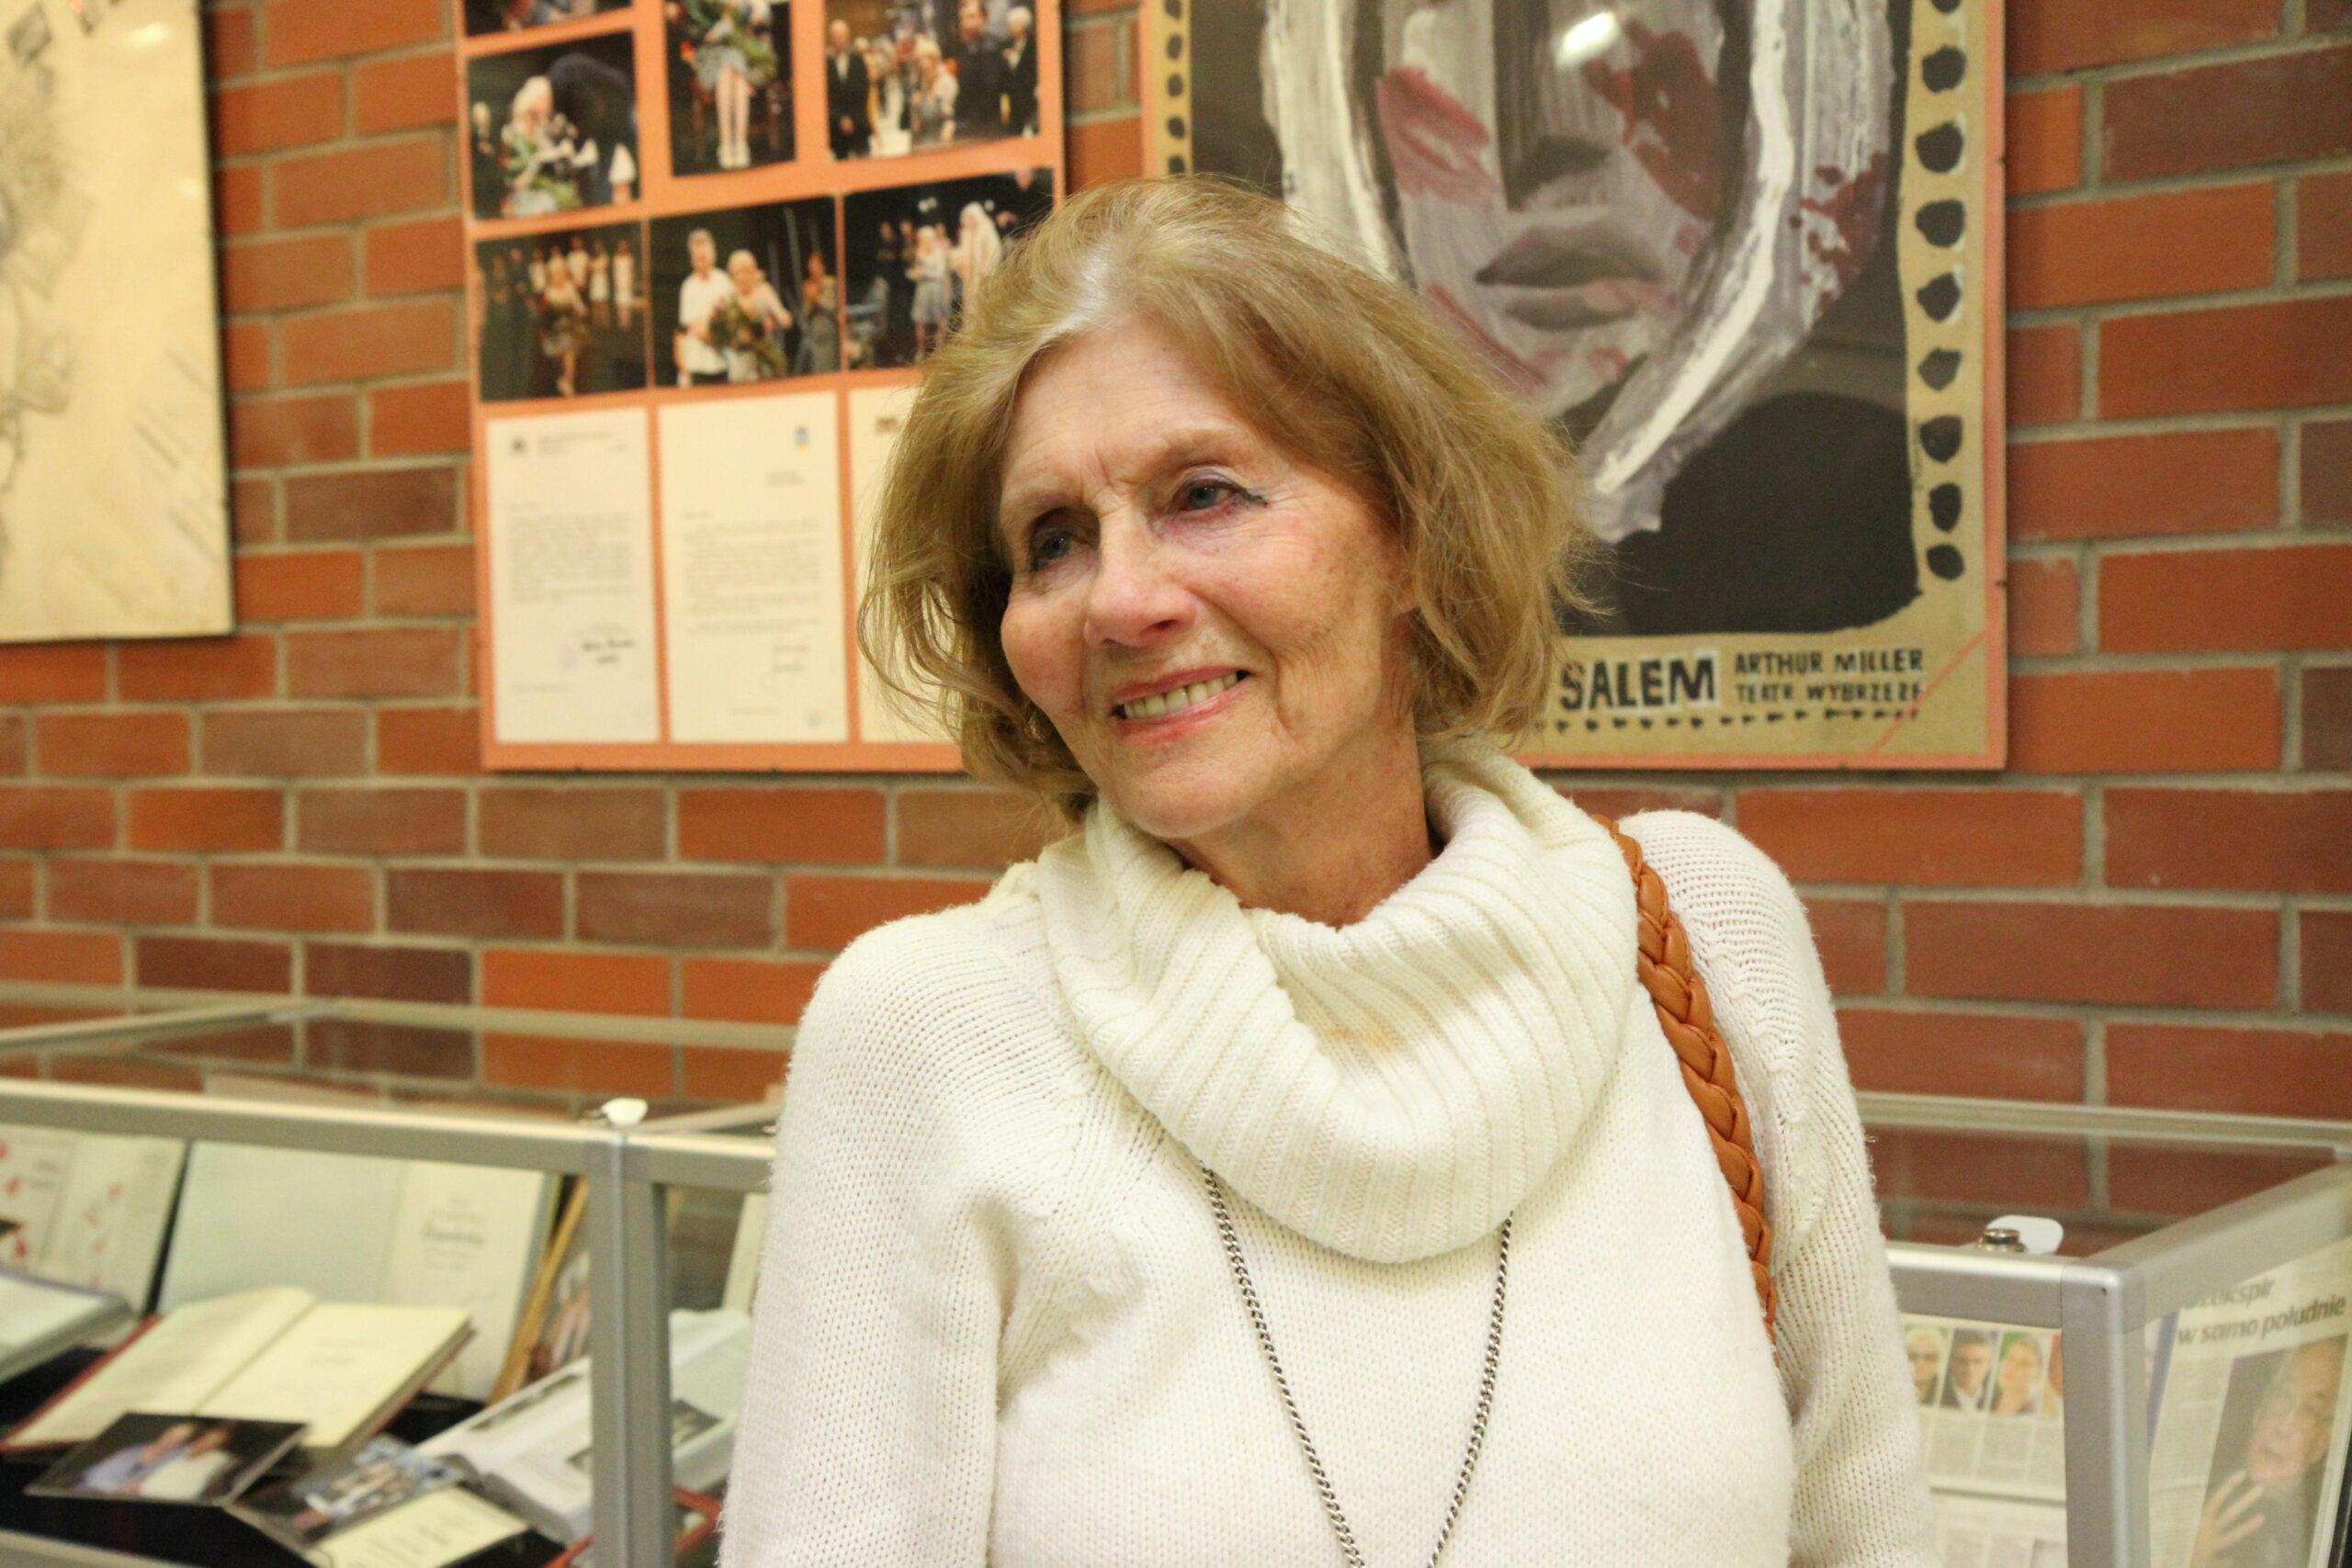 """Krystyna Łubieńska: """"Najpierw ma się młodość, potem osobowość"""". Jej życie na wystawie w bibliotece PAN [ZDJĘCIA]"""